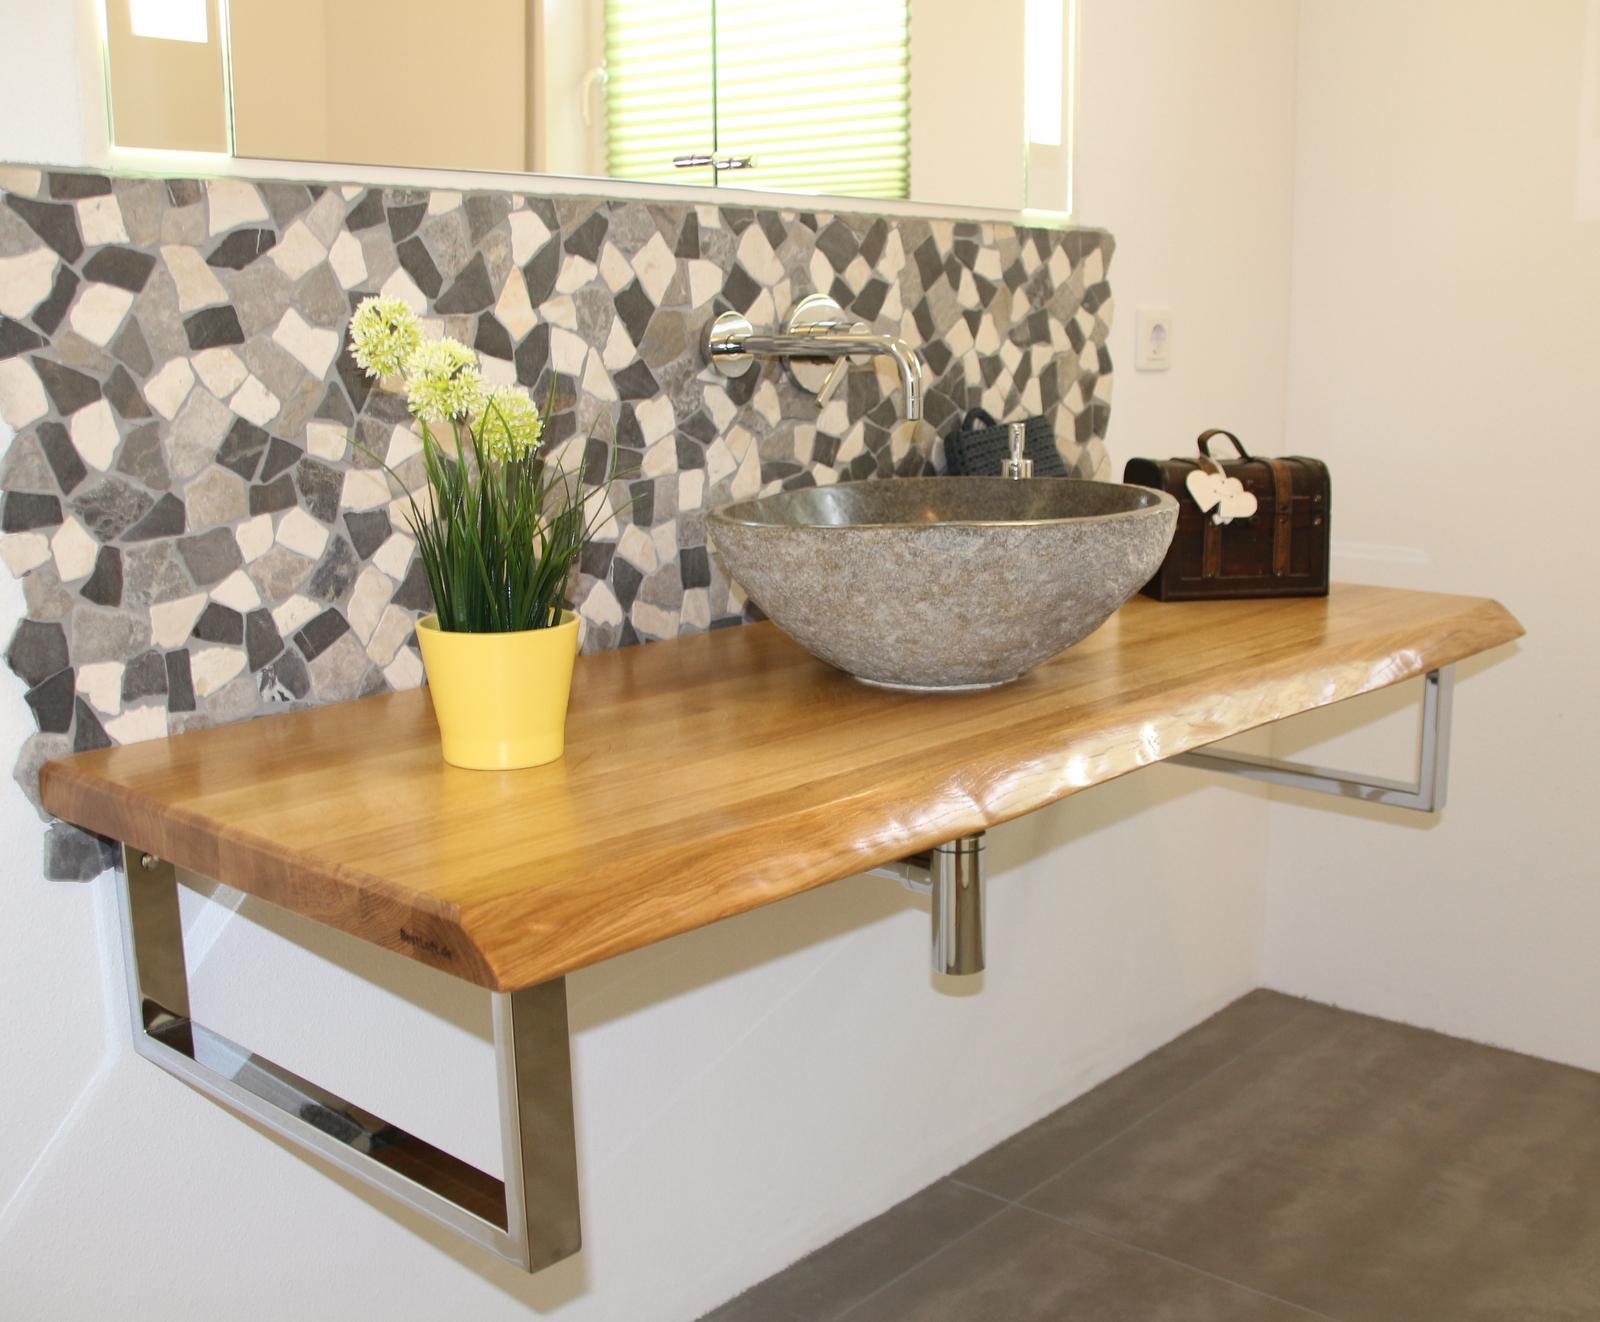 bestloft waschtischplatte waschtisch eiche holz baumkante waschtischkonsole ebay. Black Bedroom Furniture Sets. Home Design Ideas